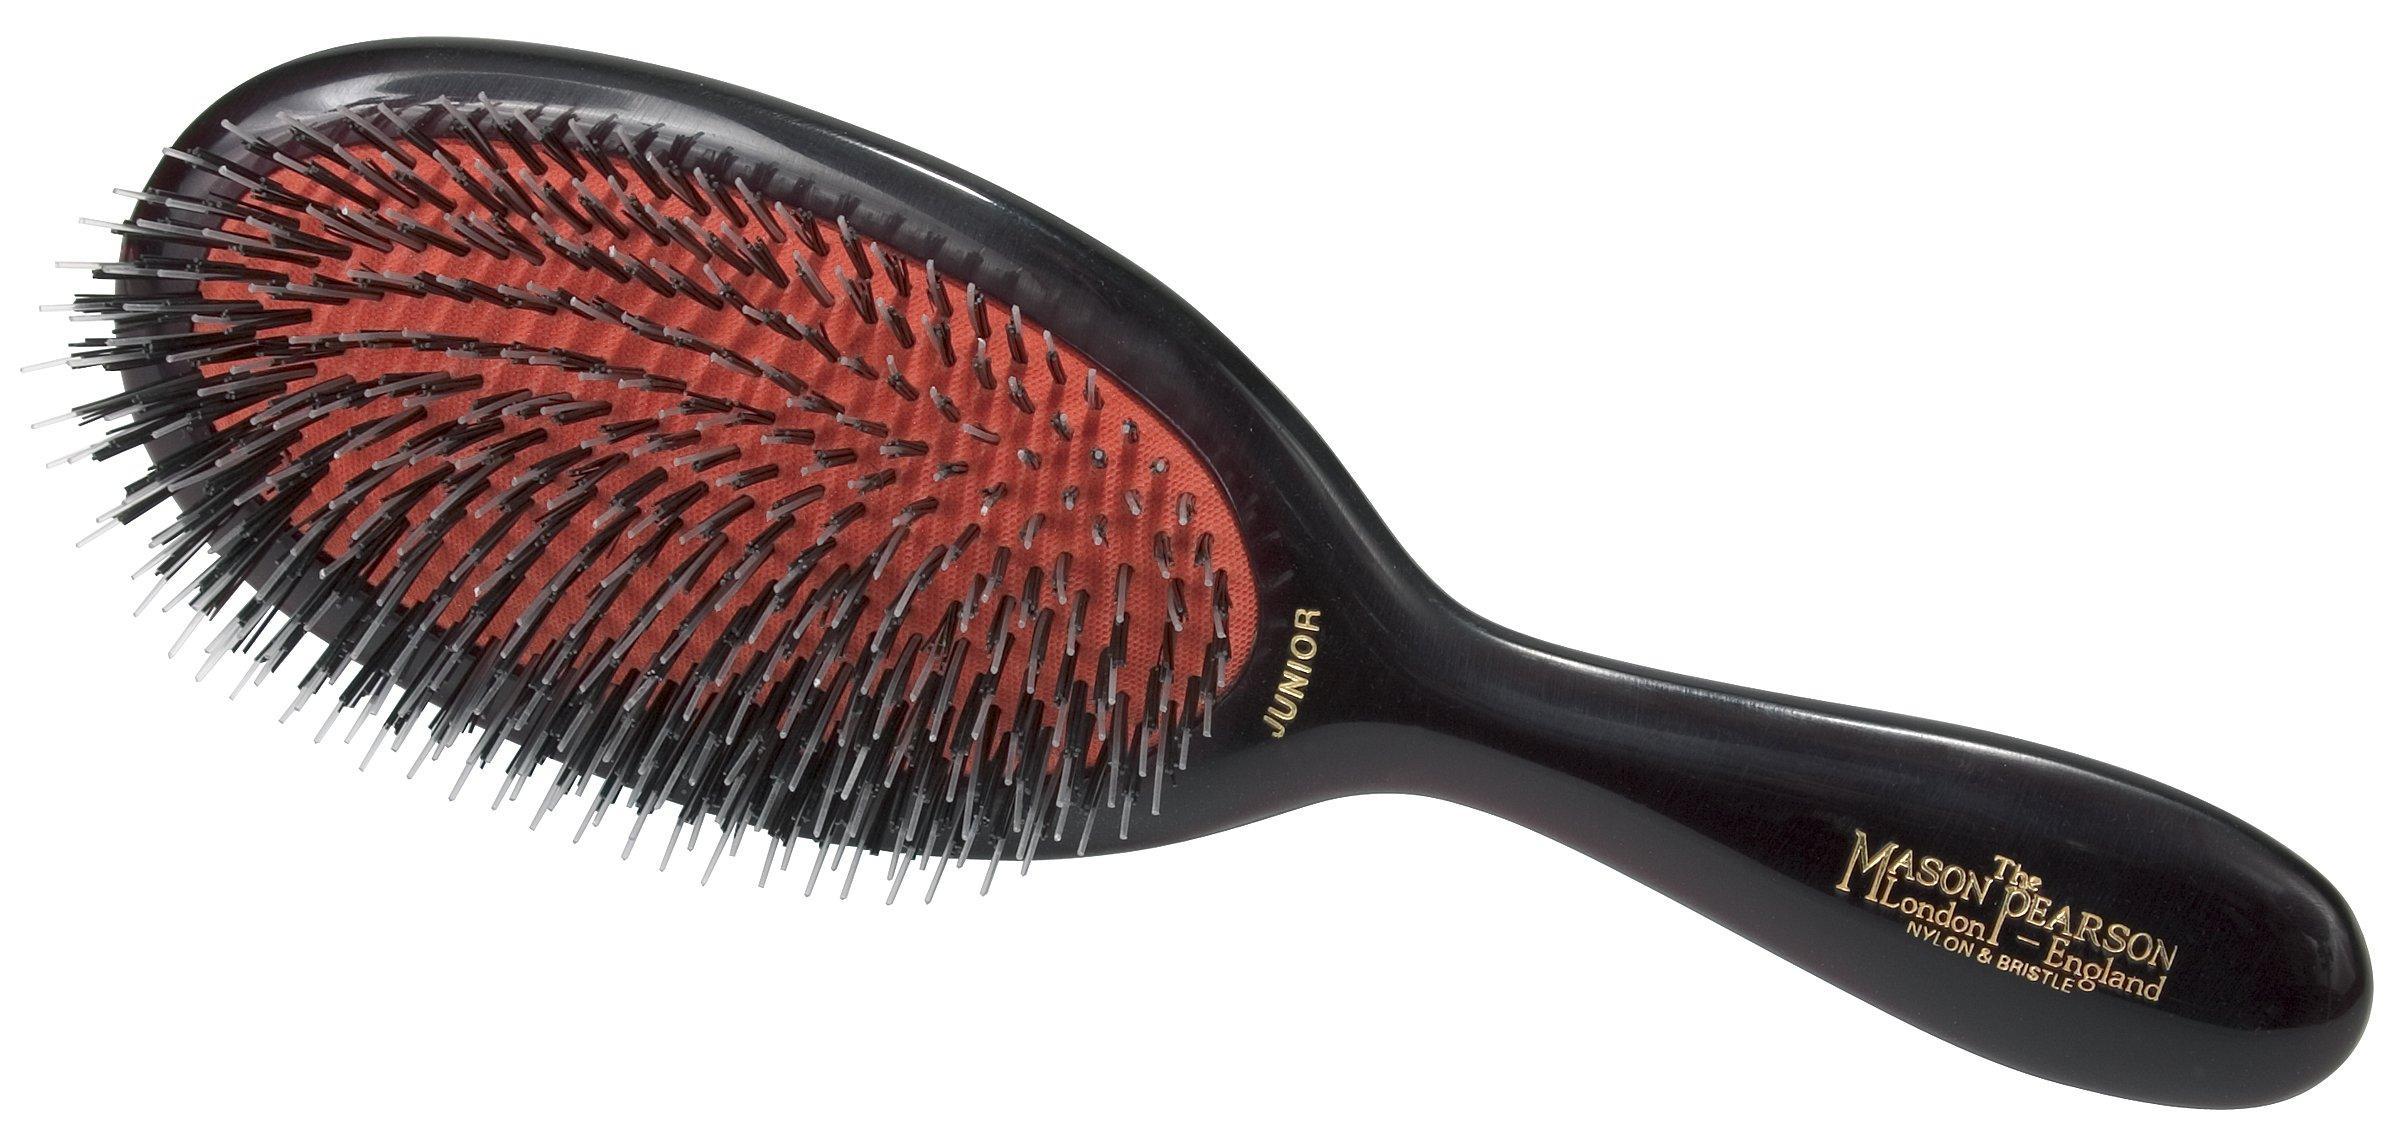 Mason Pearson Junior Hair Brush by Mason Pearson